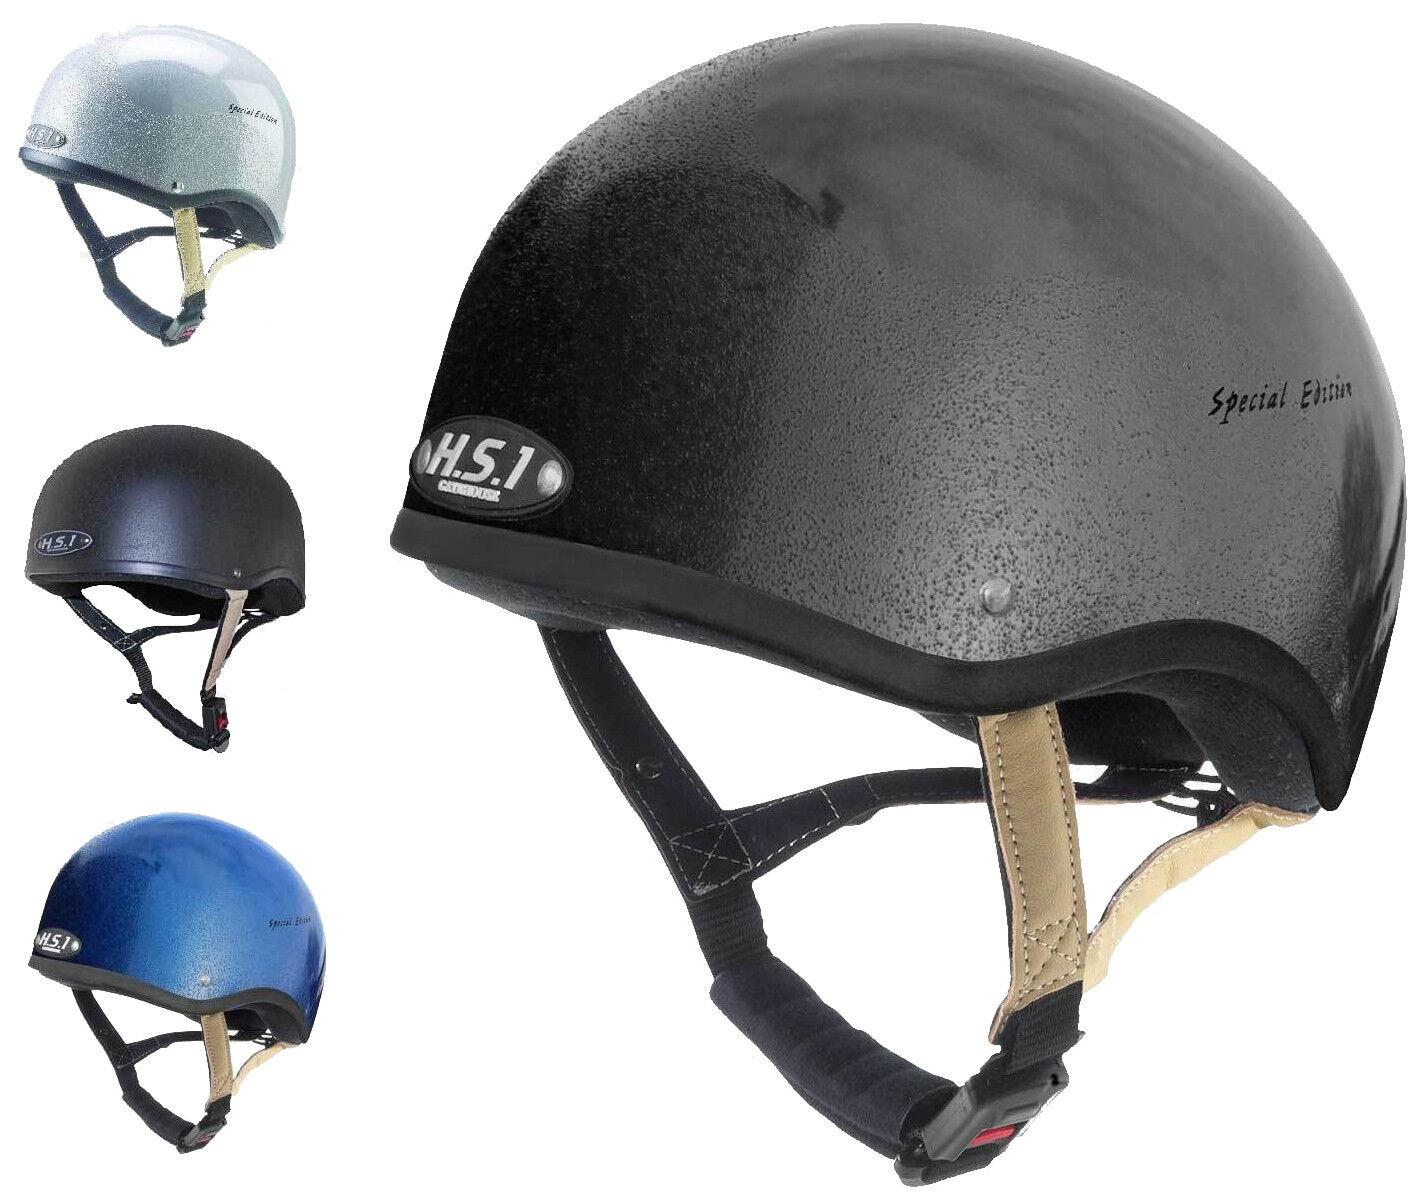 Gatehouse HS1 Jockey cráneo casquillo Equitación Casco Plata Negro Azul Snell